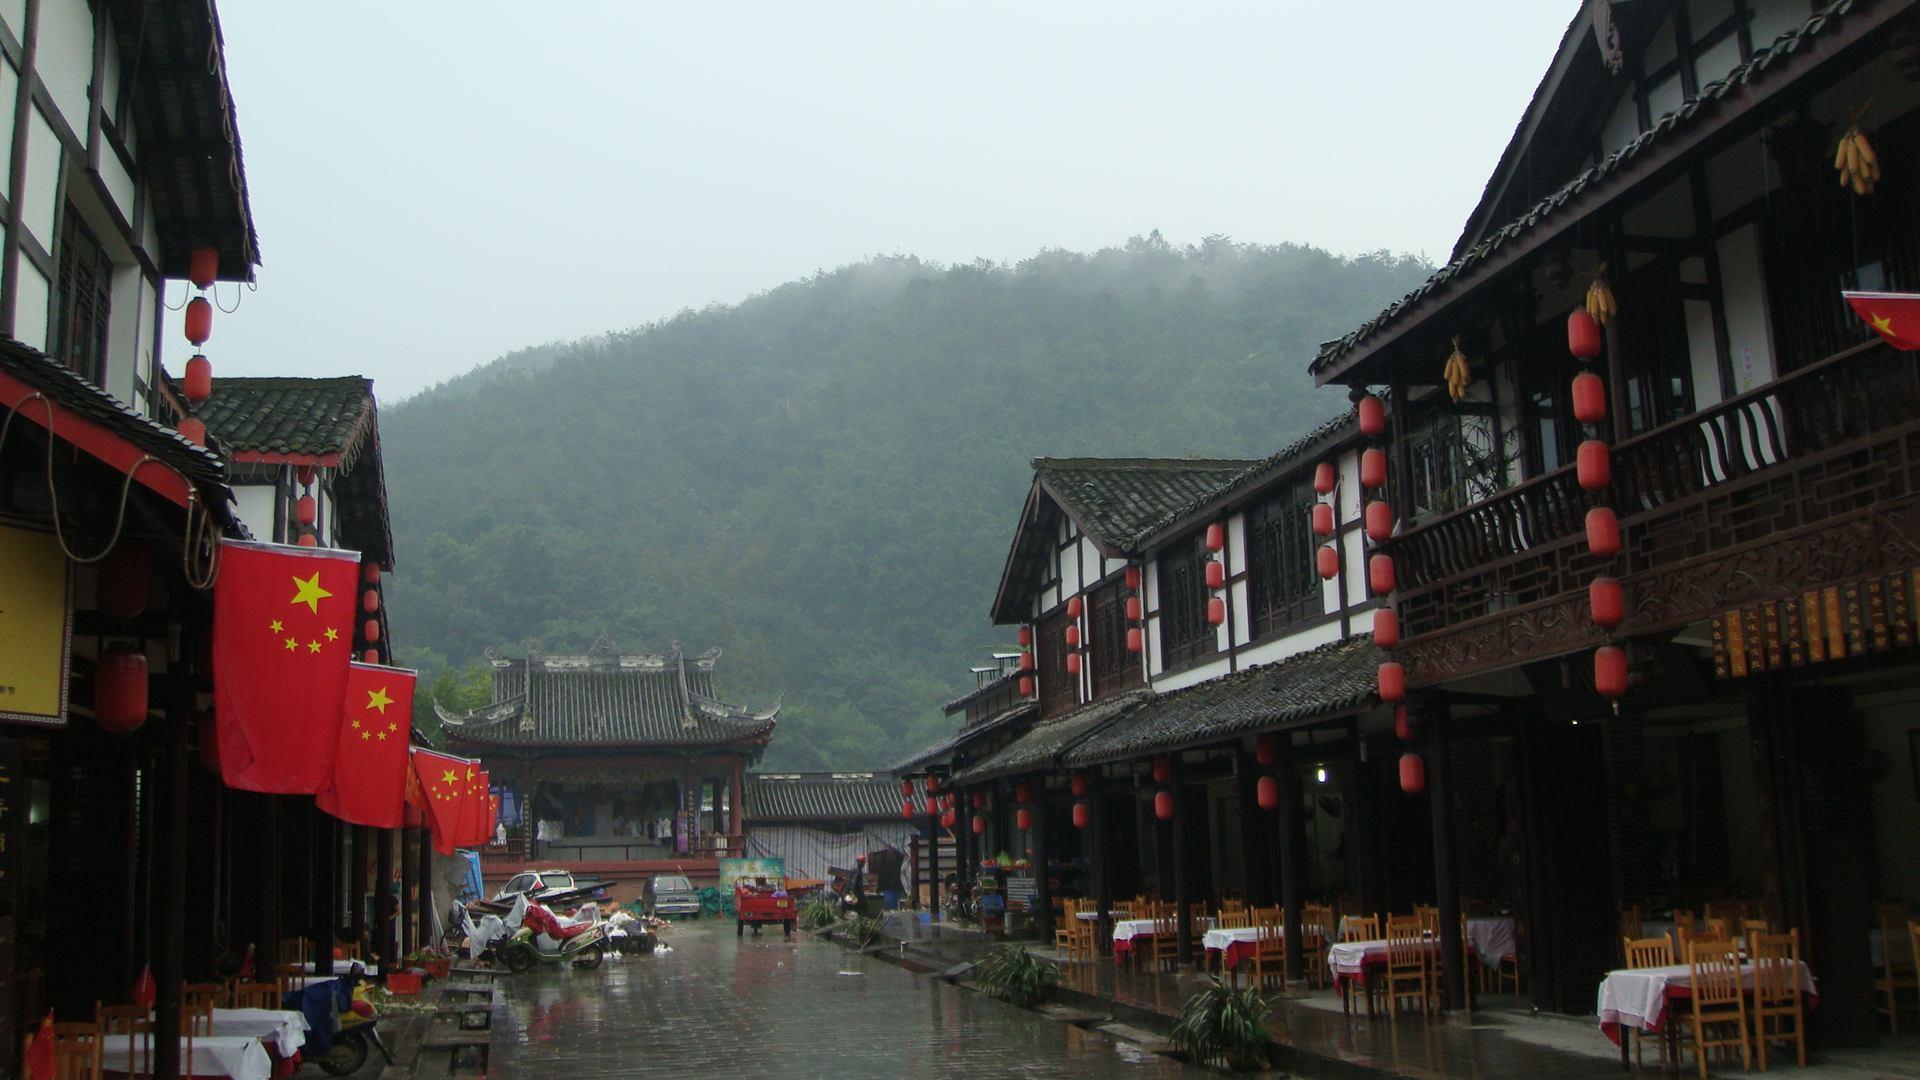 最美四川十大古镇排名,著名四川古镇有哪些?